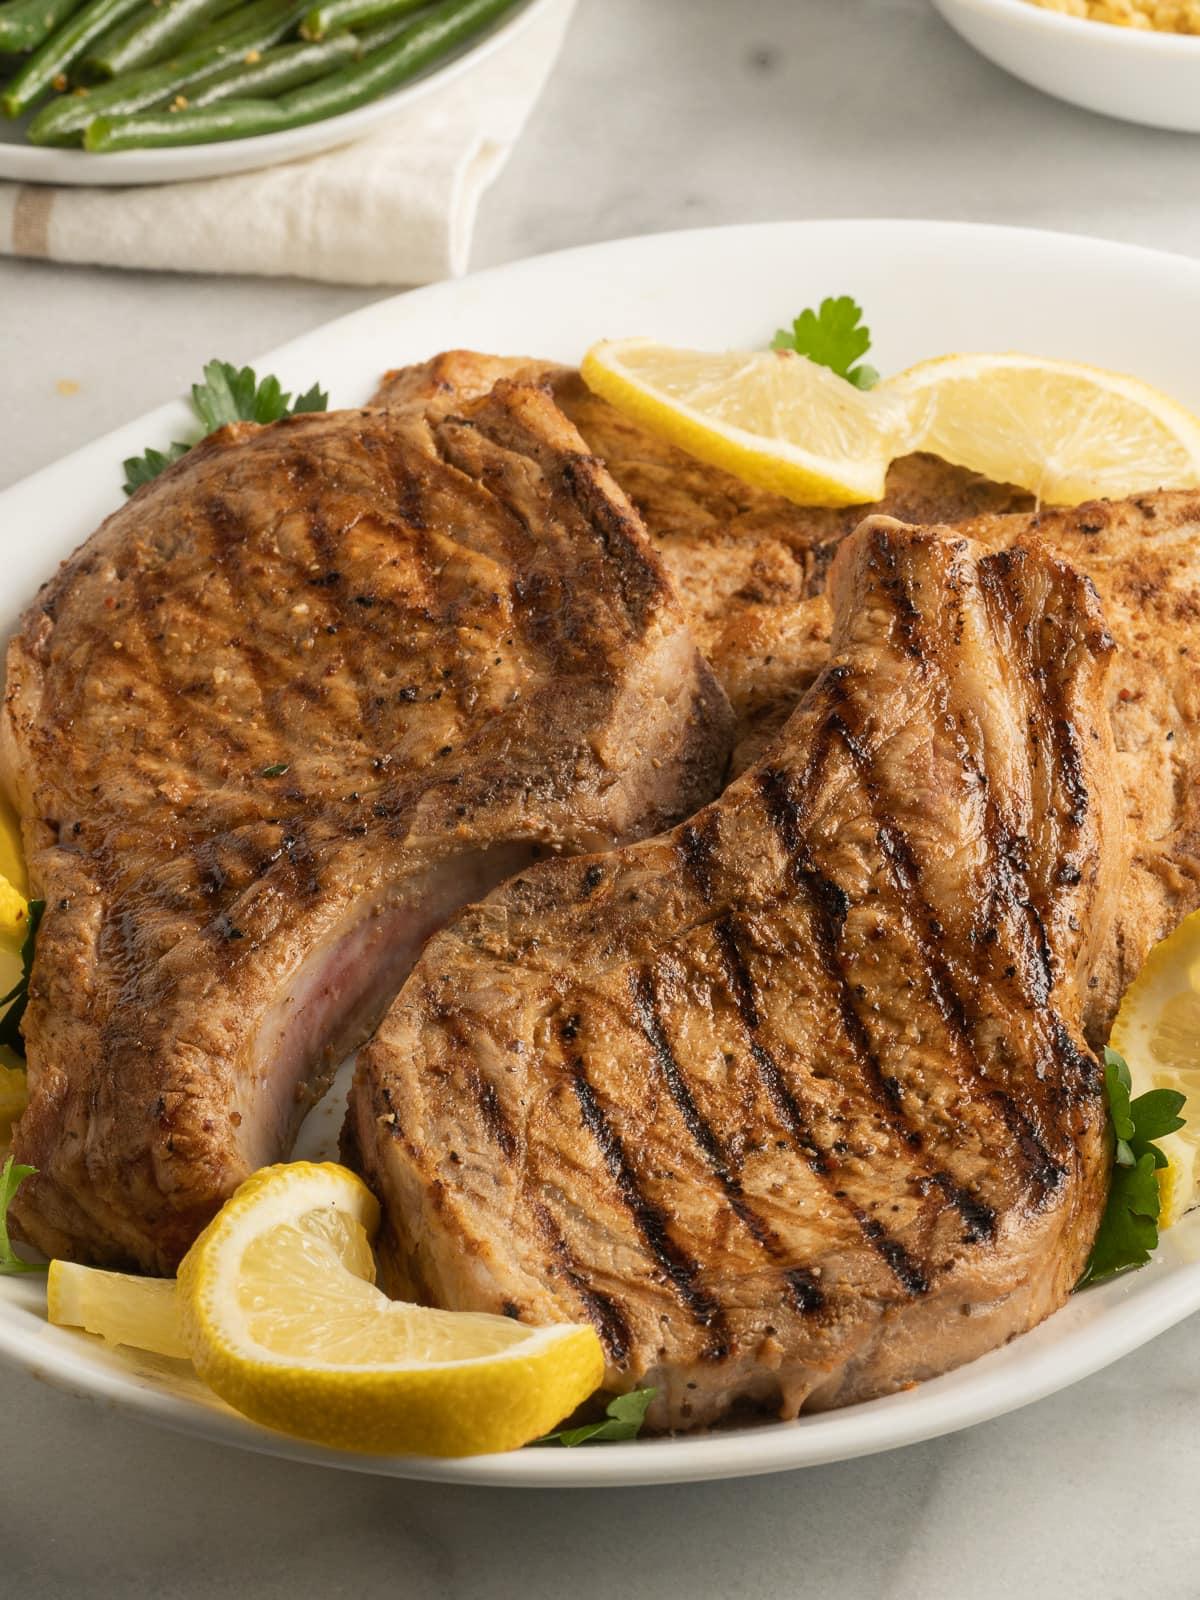 lemon pepper pork chops on whit platter with lemon